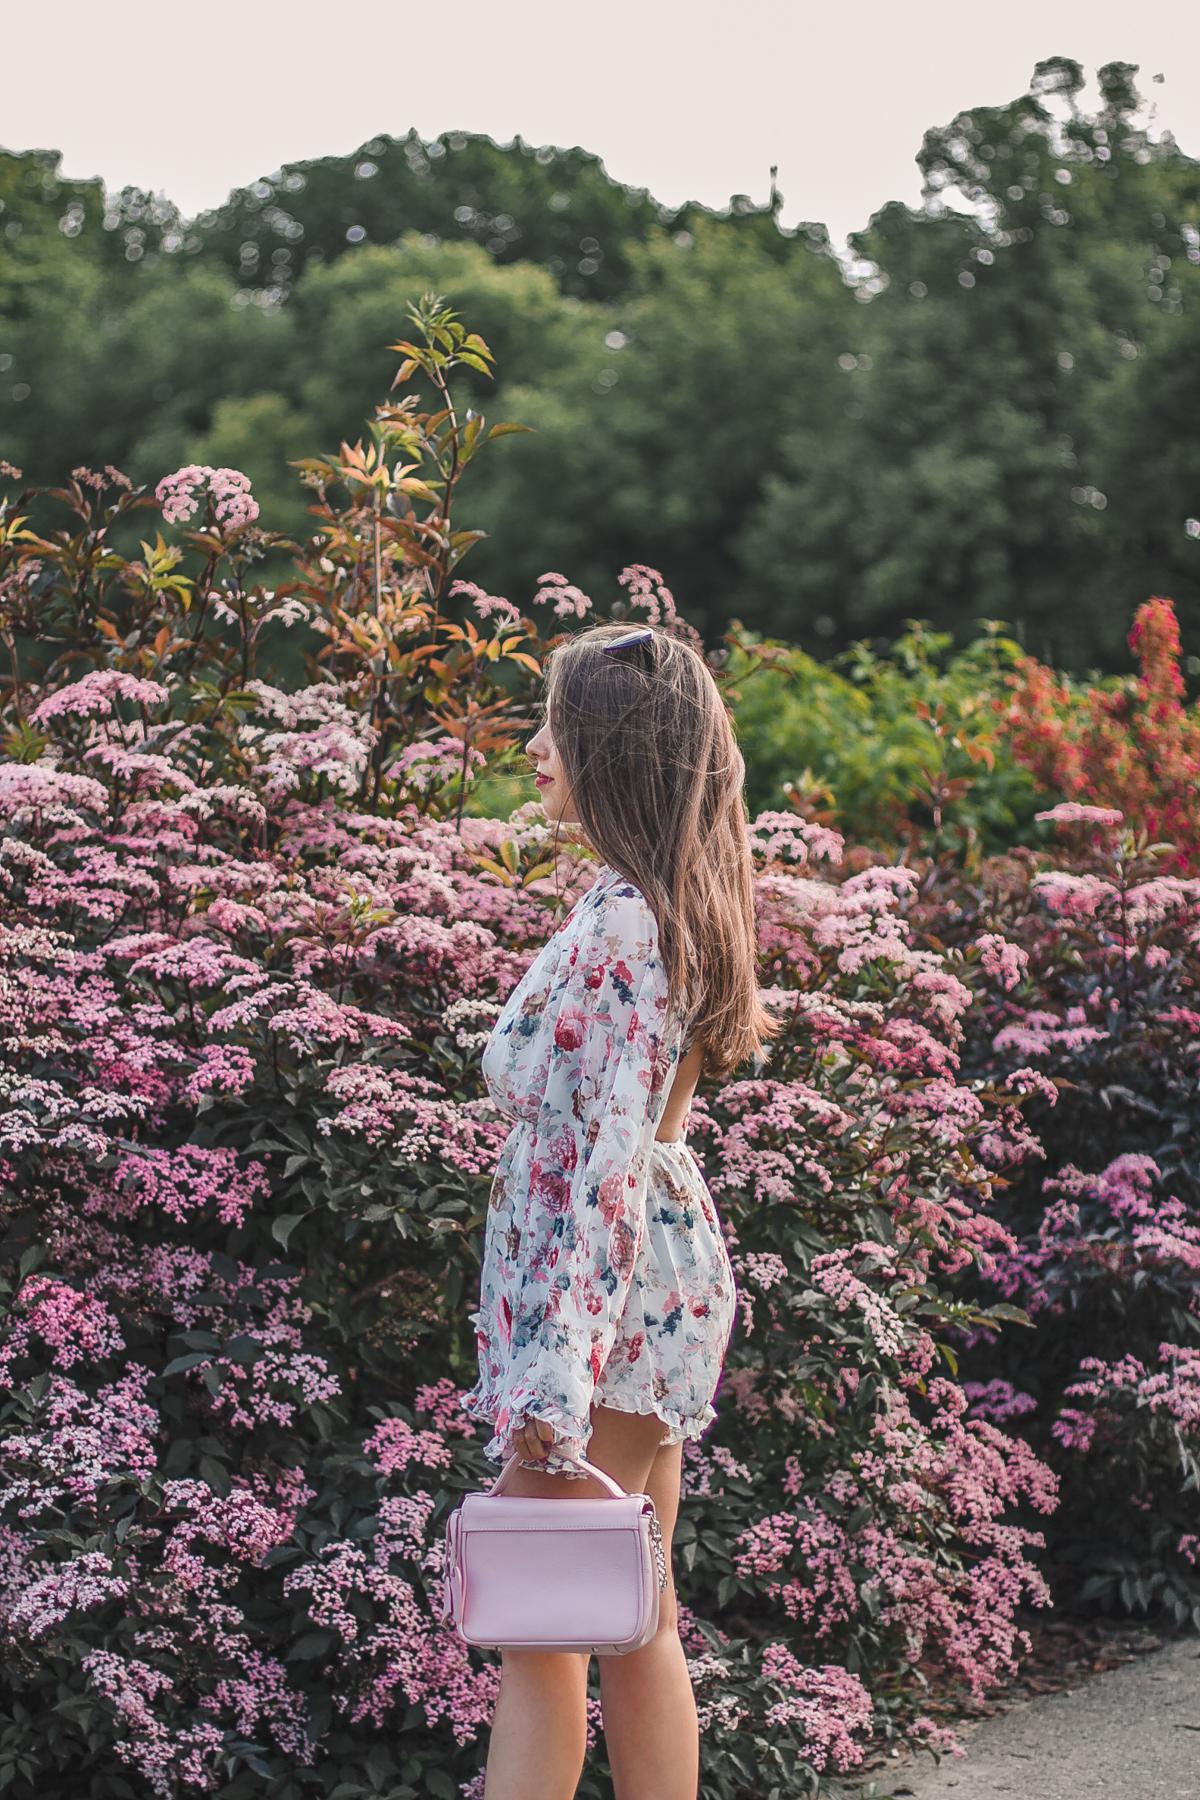 kombinezon w kwiaty stylizacja